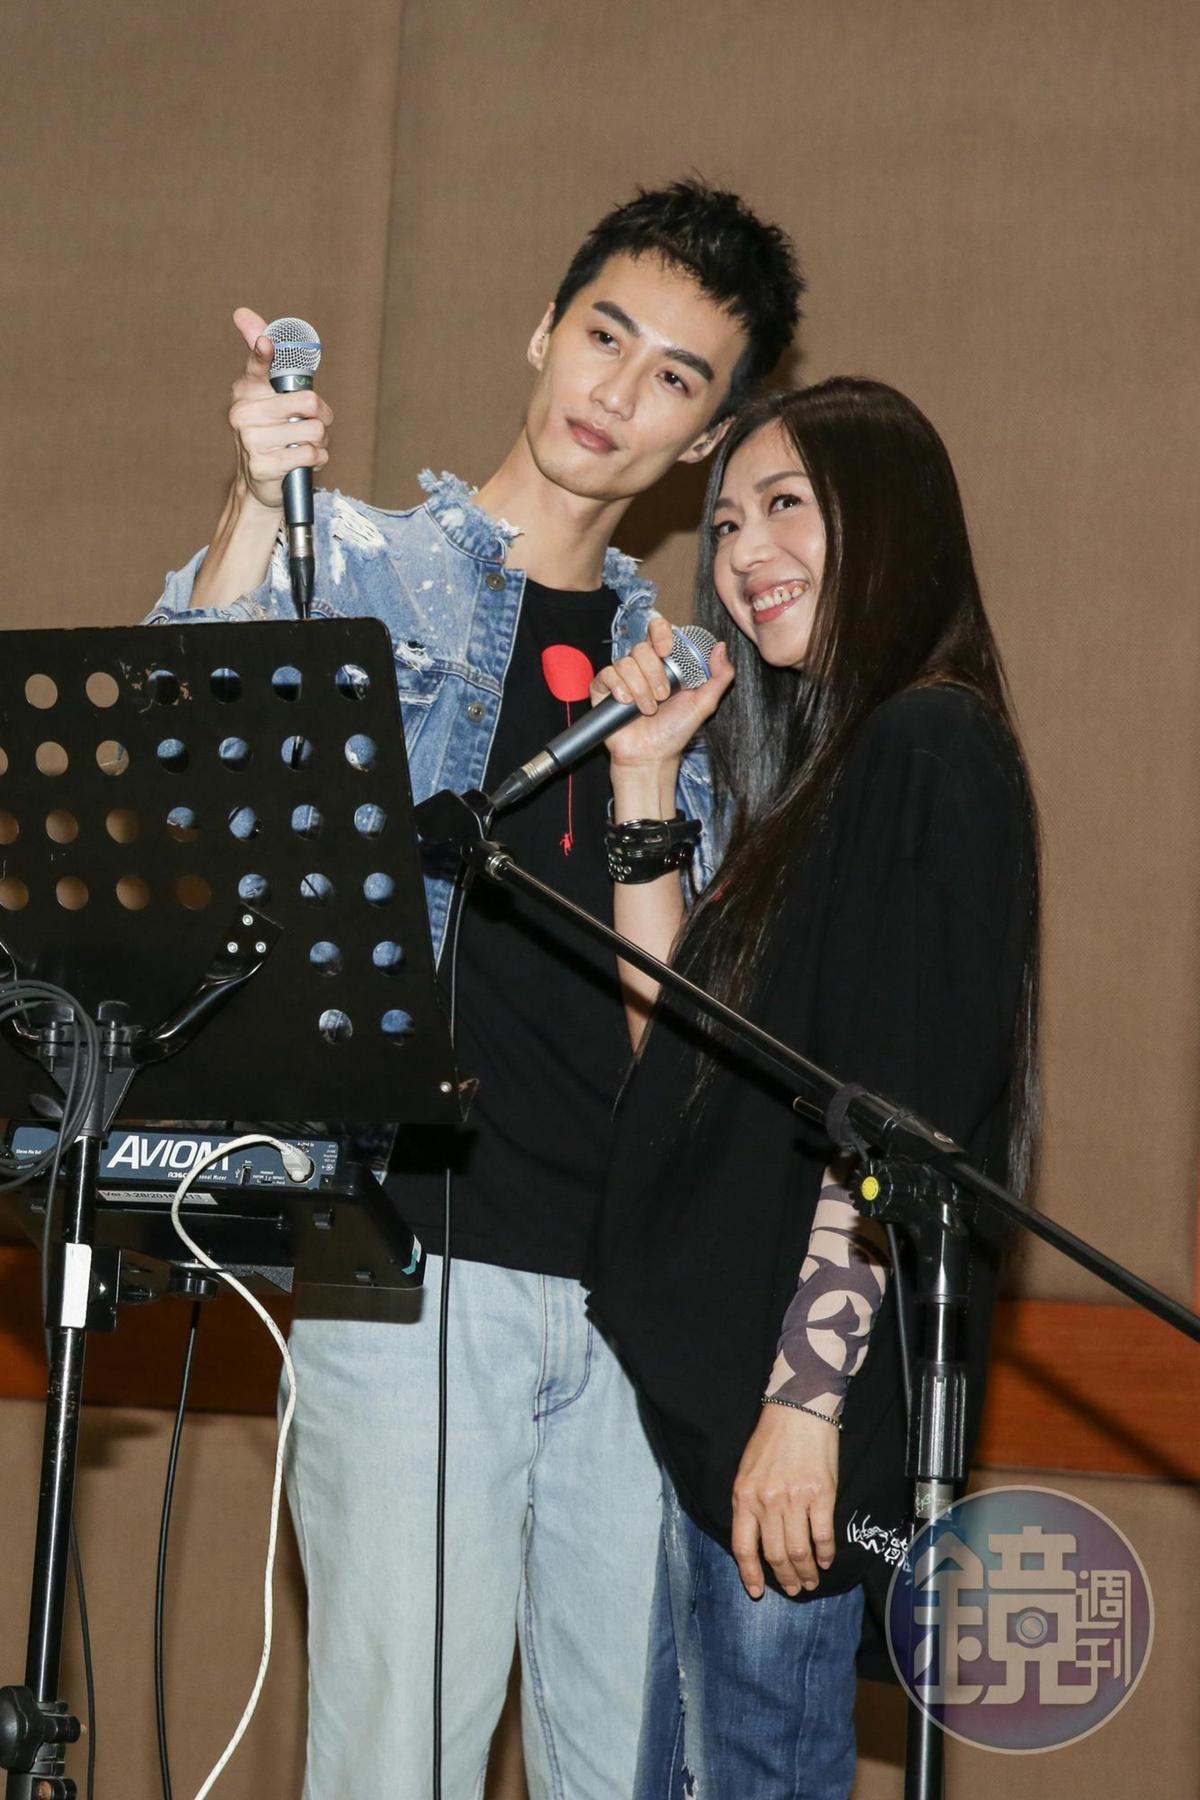 〈愛情限時批〉原是萬芳與伍佰合唱的經典,她笑說之前是跟「哥哥」合唱,這次則是找來「弟弟」李英宏對唱。